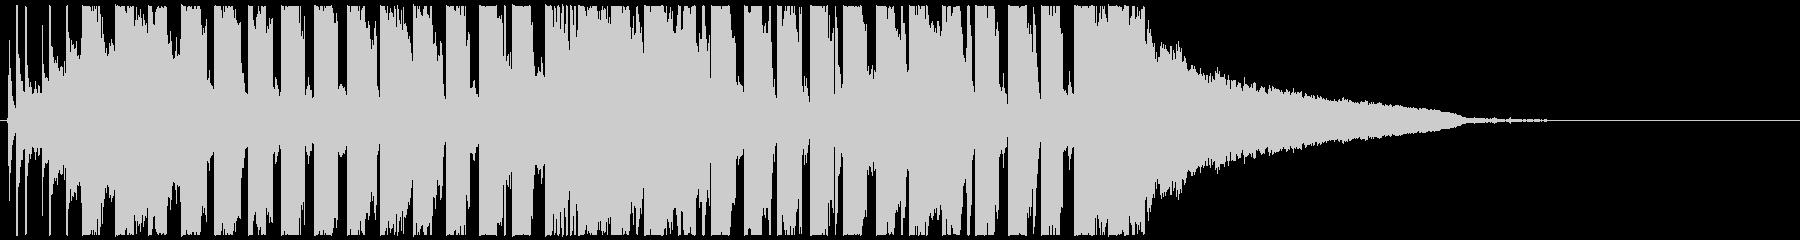 かわいいEDM ポップ TIKTOKの未再生の波形